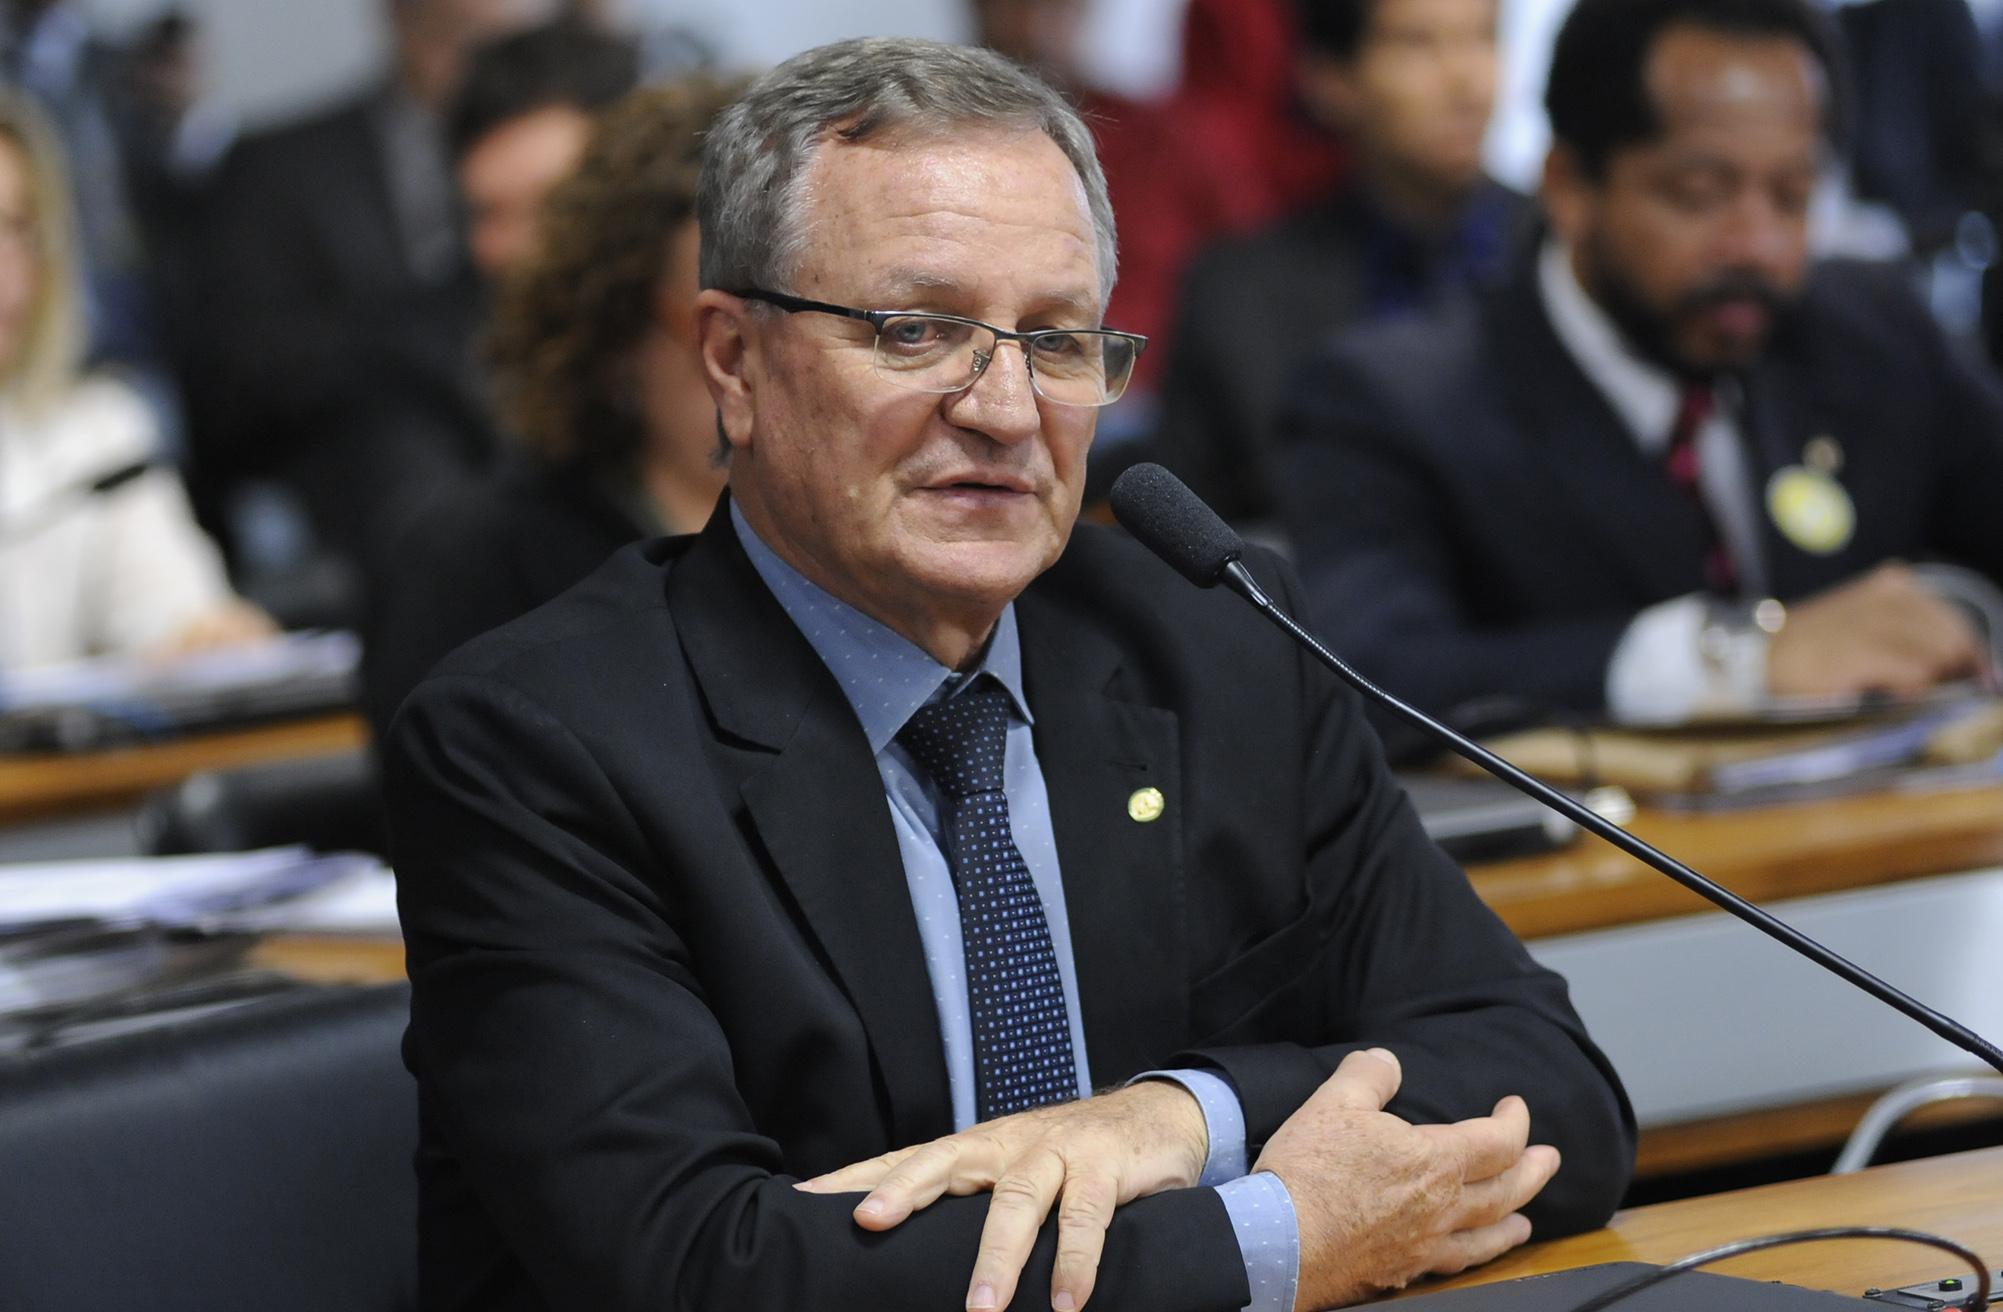 Audiência pública da Comissão Mista sobre a MP 759/16, que dispõe sobre a regularização fundiária no âmbito da Amazônia Legal. Dep. Valdir Colatto (PMDB-RS)